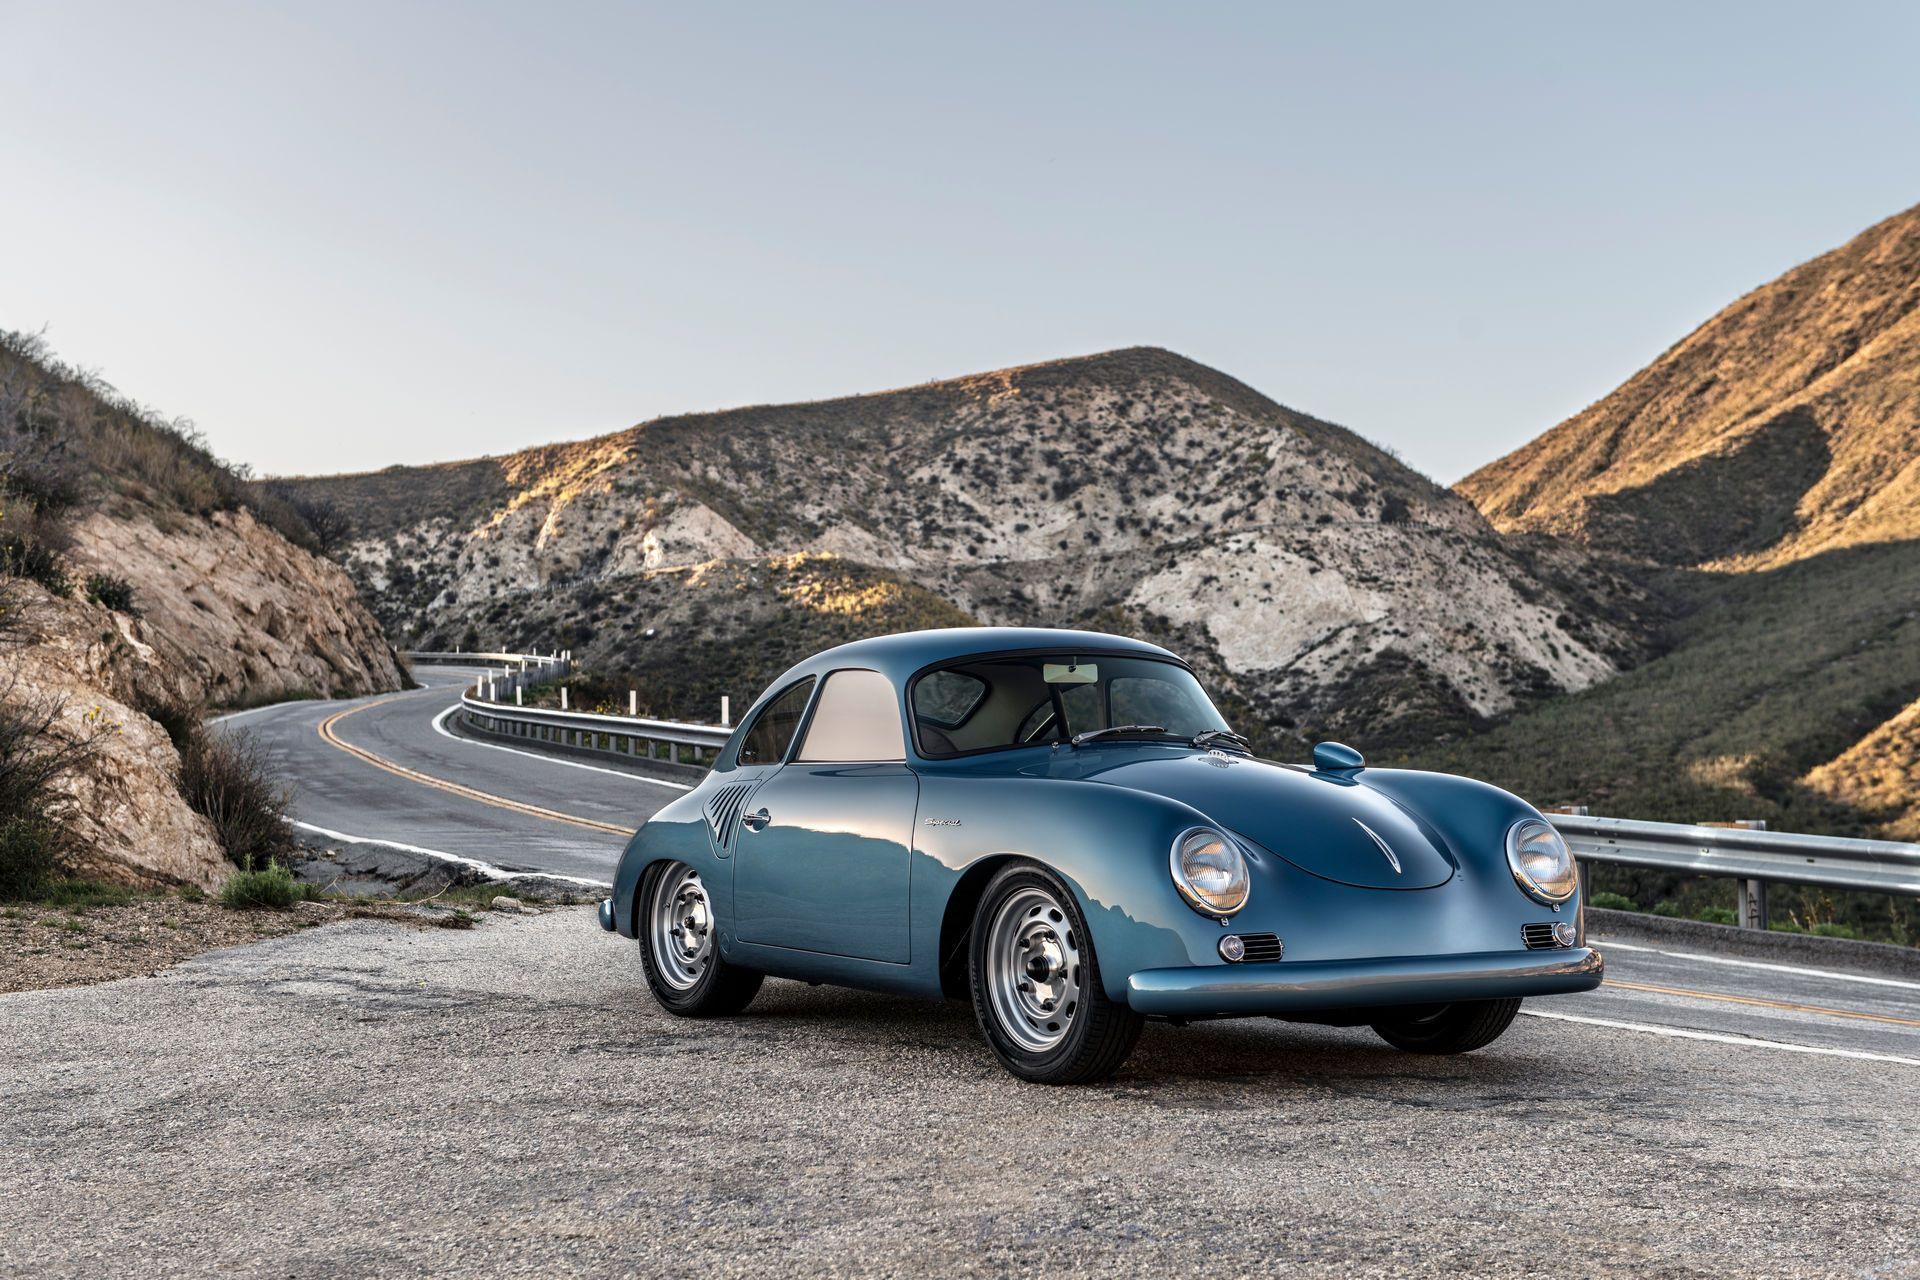 Porsche-356-A-Coupe-Restomod-Emory-Motorsports-1